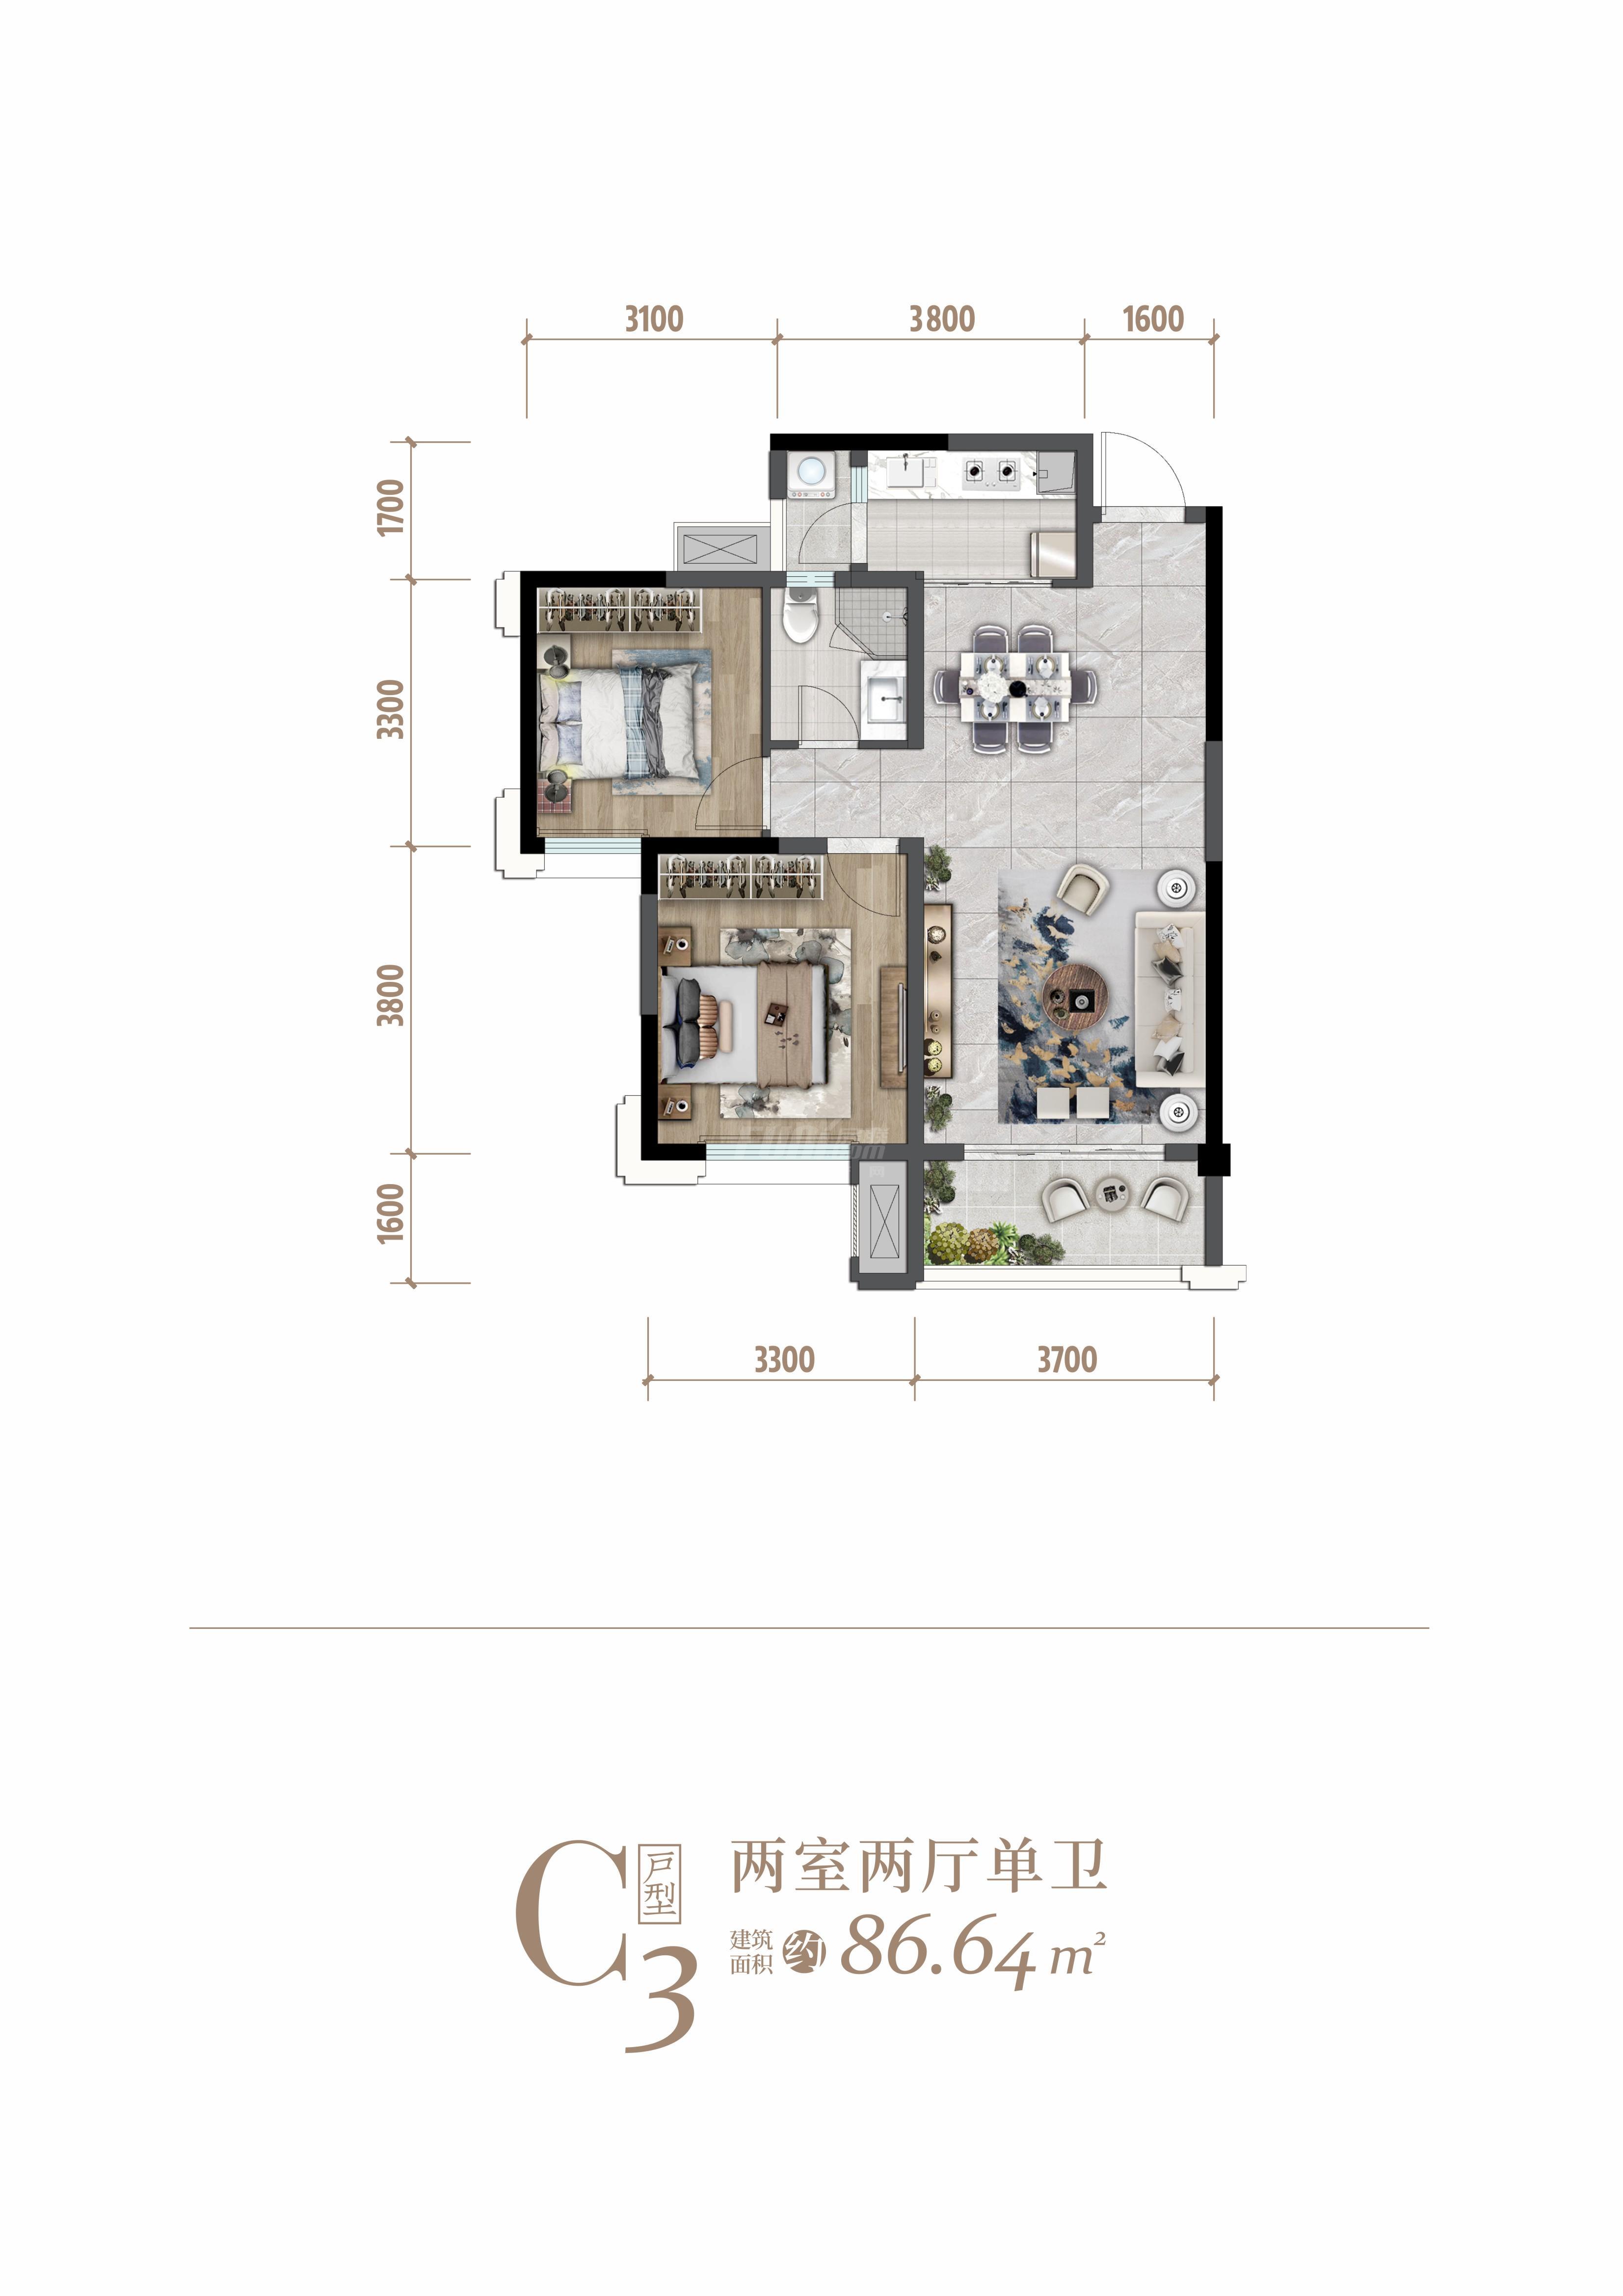 2室1卫2厅,C3户型两室两厅一卫